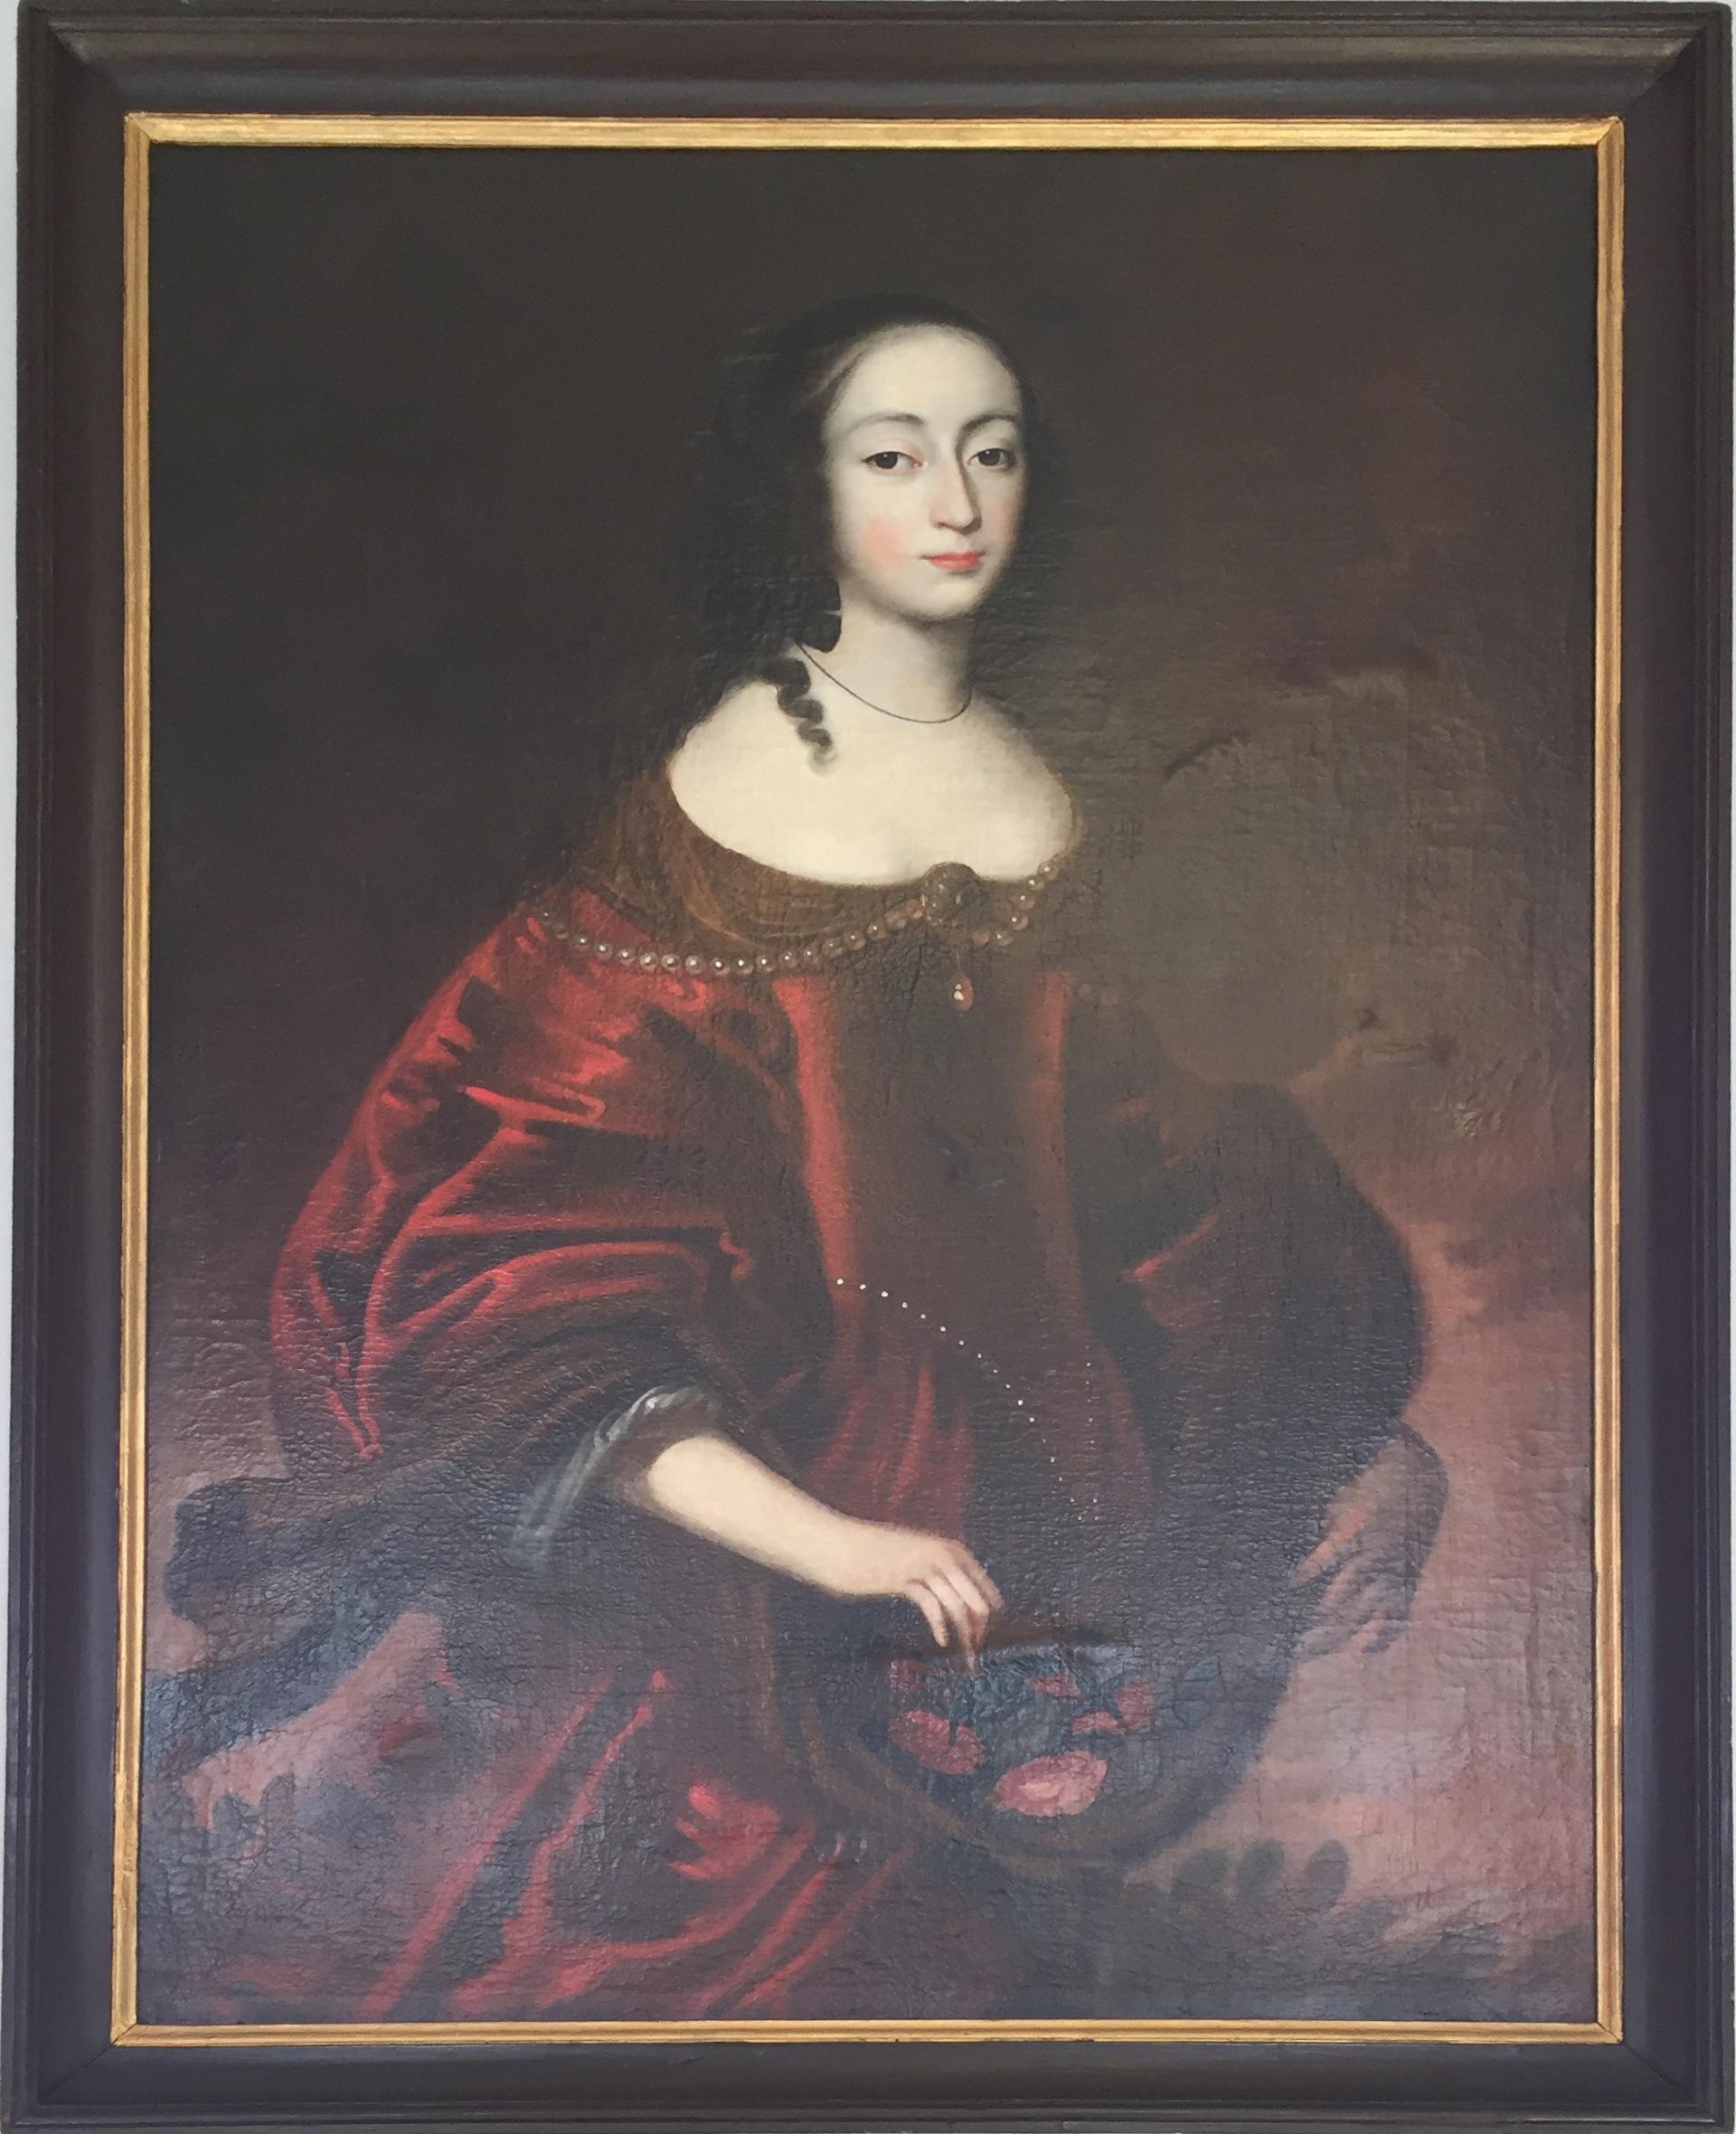 La discípula de Van Dyck, Ernestine Charlotte von Nassau-Siegen